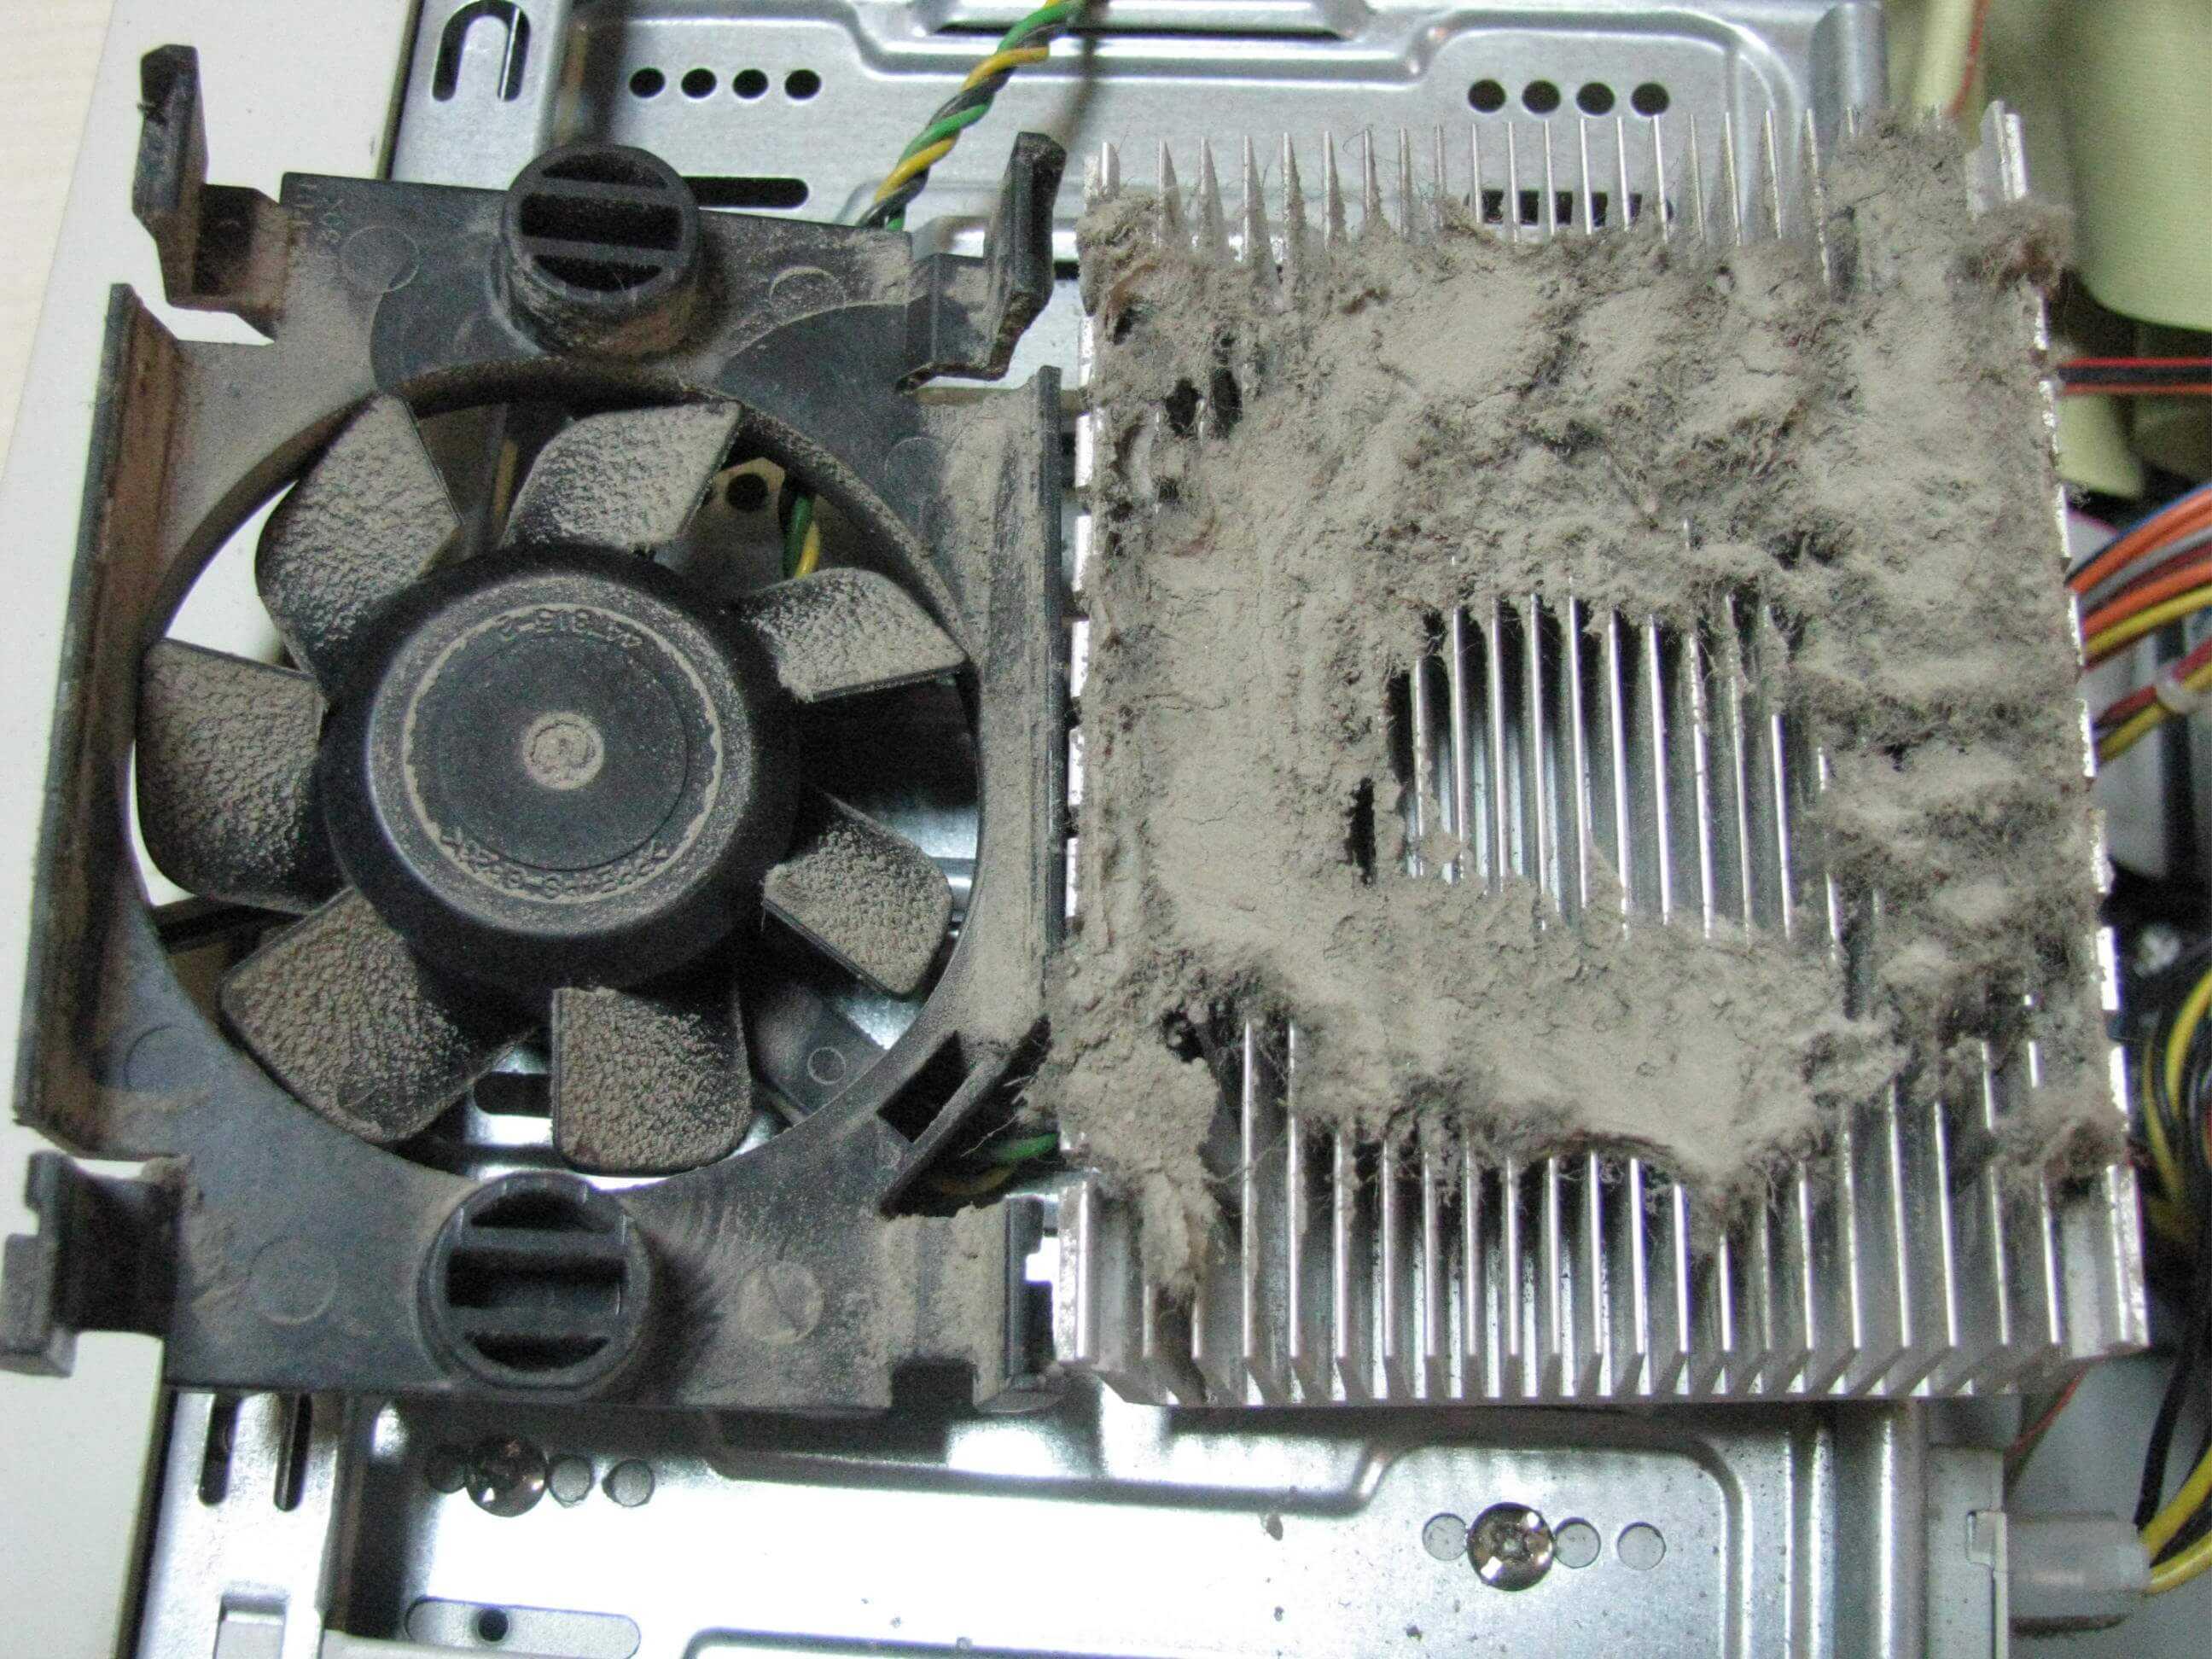 Как самому почистить кулер ноутбука от пыли и обезопасить устройство от перегрева Продувайте ноутбук от пыли и он снова будет хорошо работать не перегриваясь